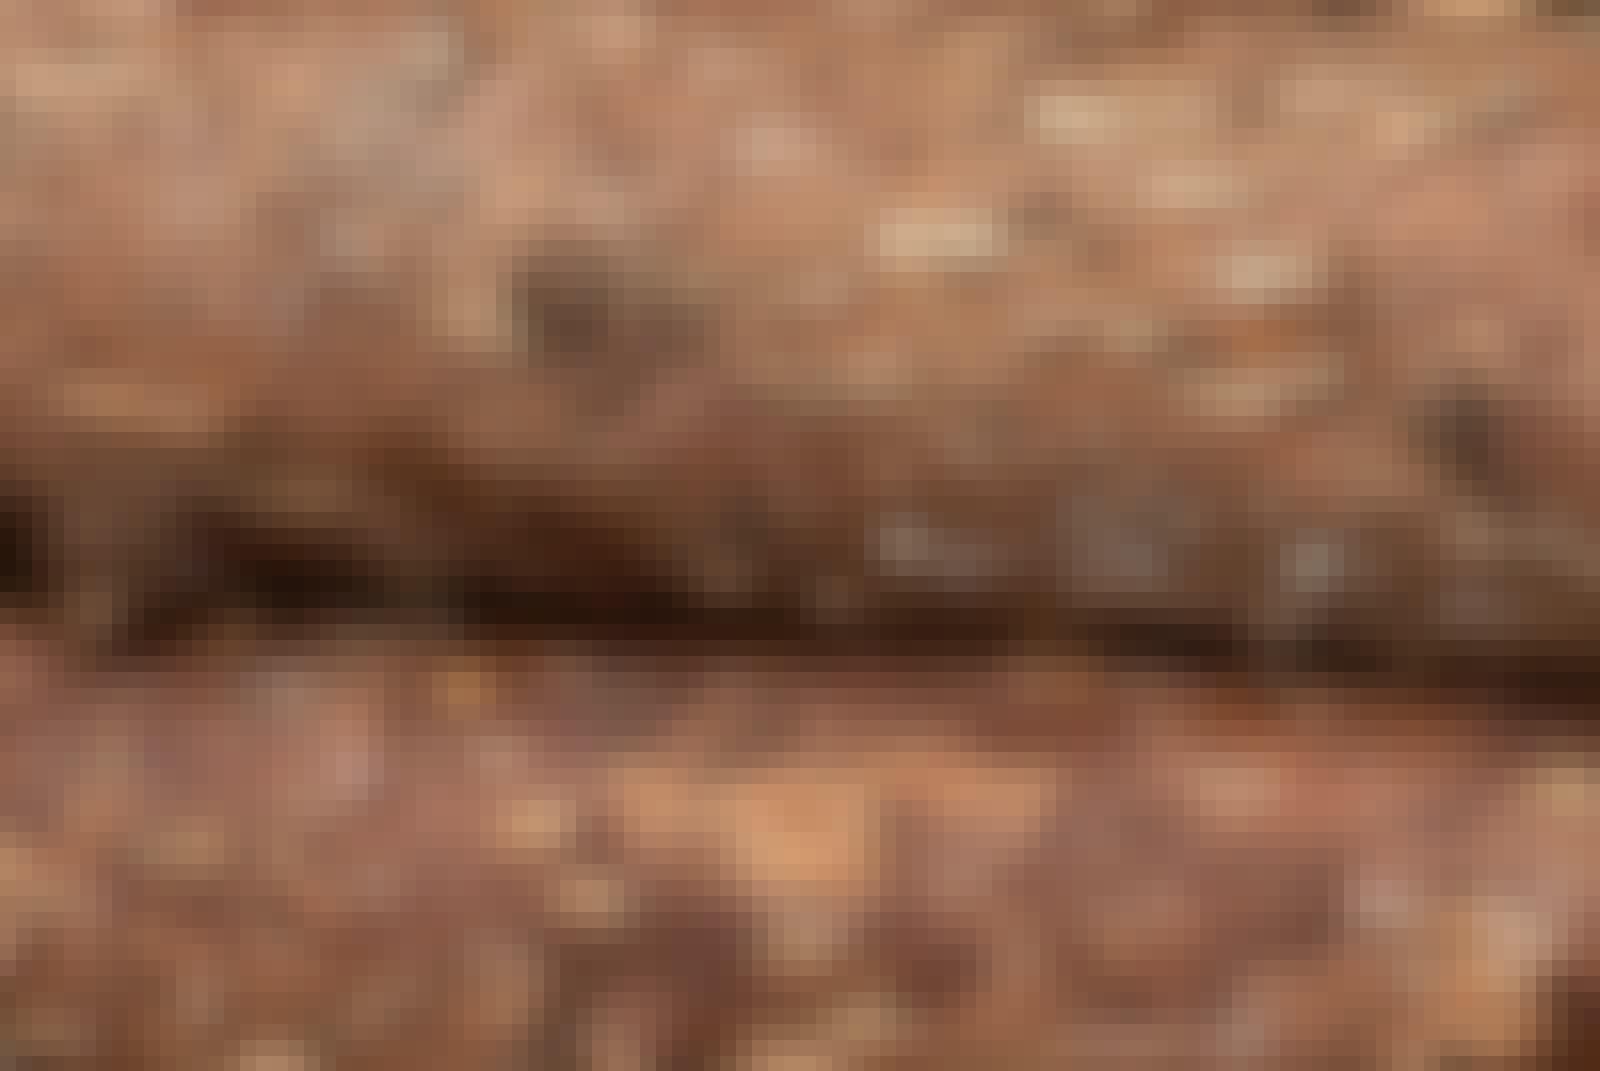 Ranka-aita: Kuusirankoja